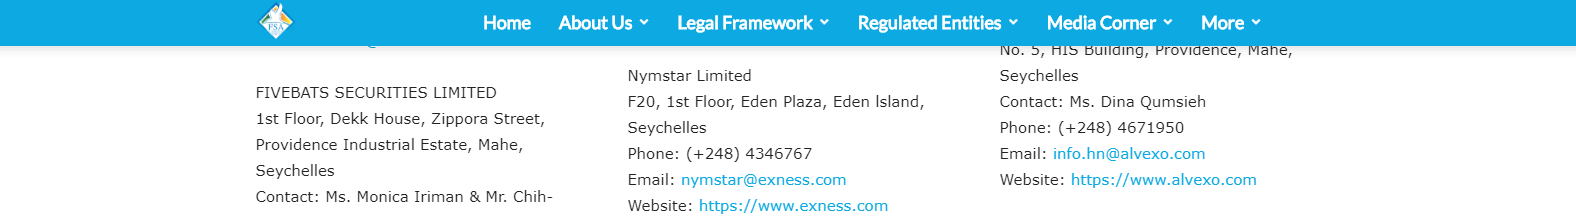 Exness FSA Regulation screenshot